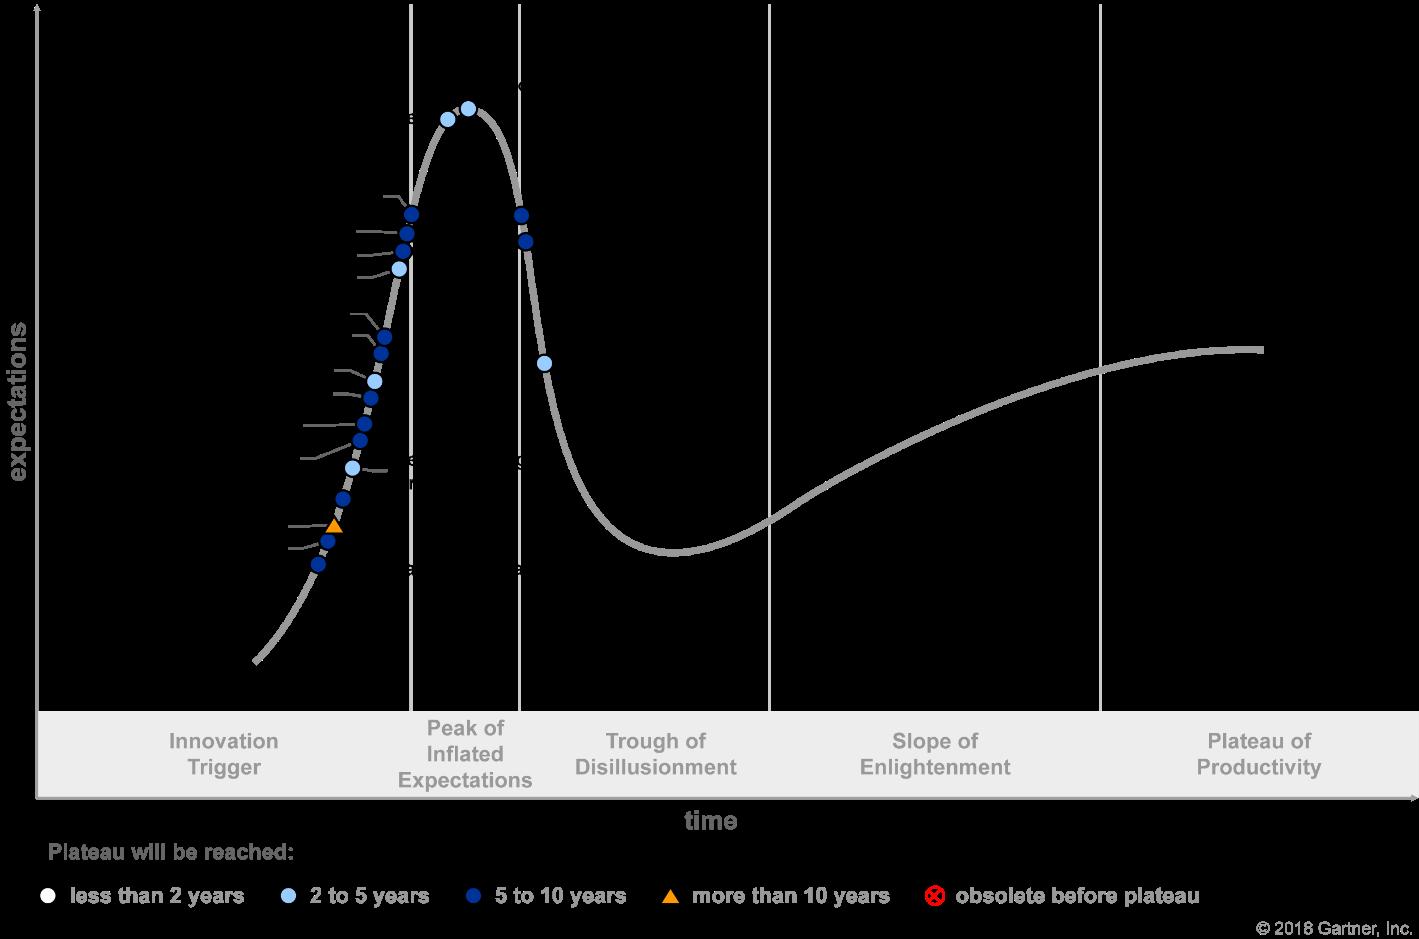 Gartner Hype Cycle for Blockchain Technologies 2018 (G00340388)